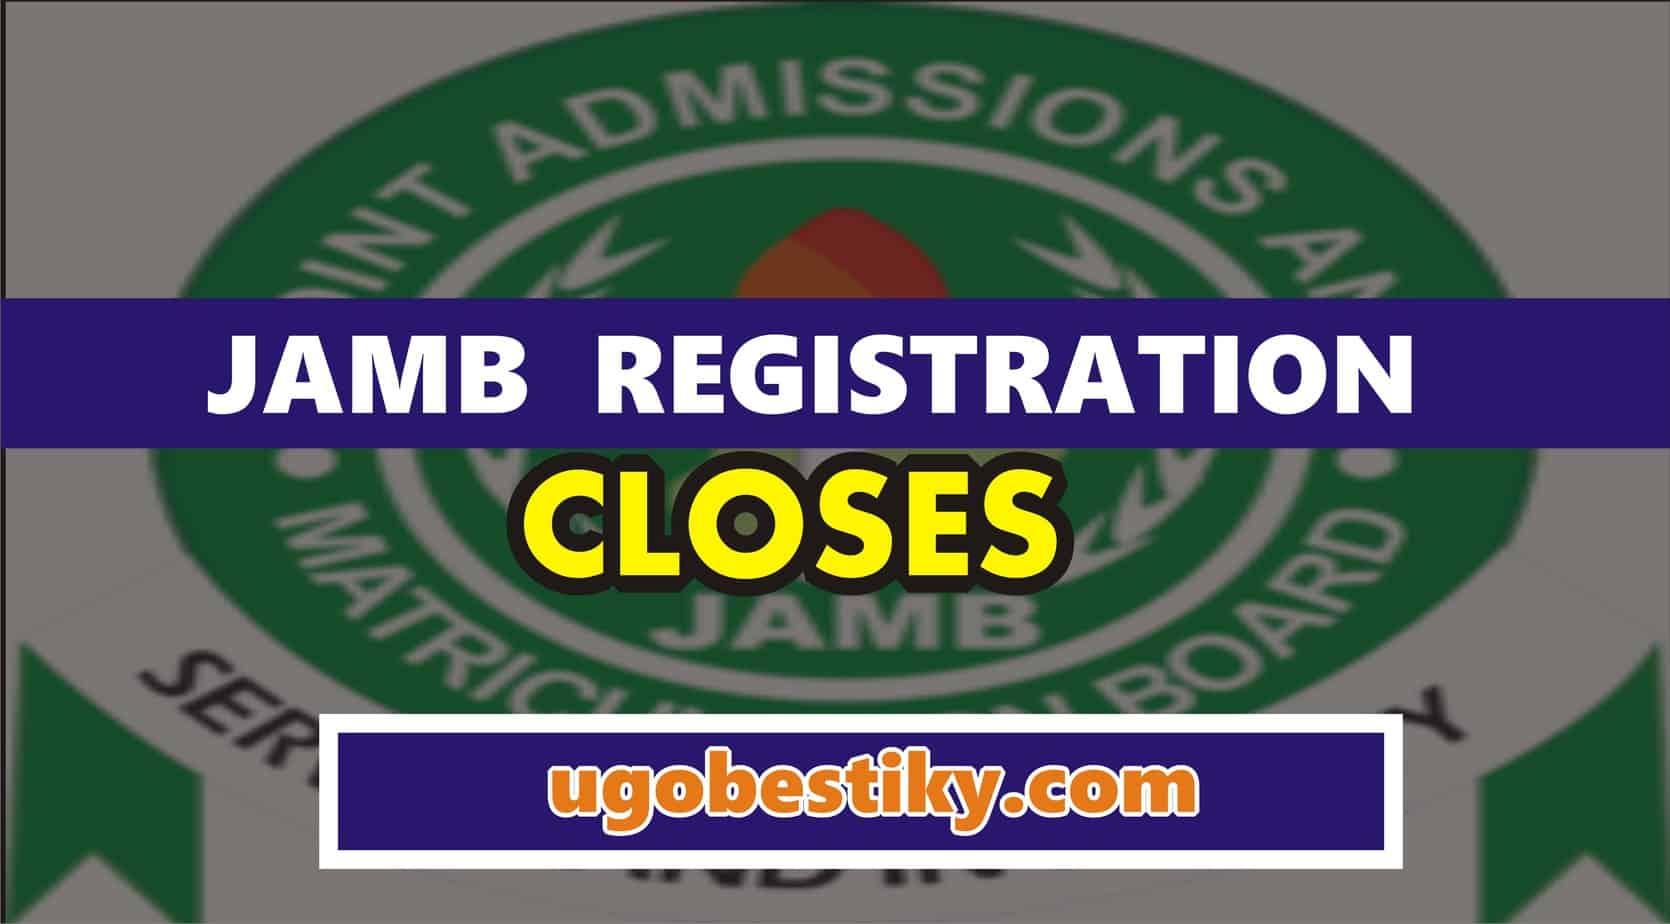 Jamb registration closes 40